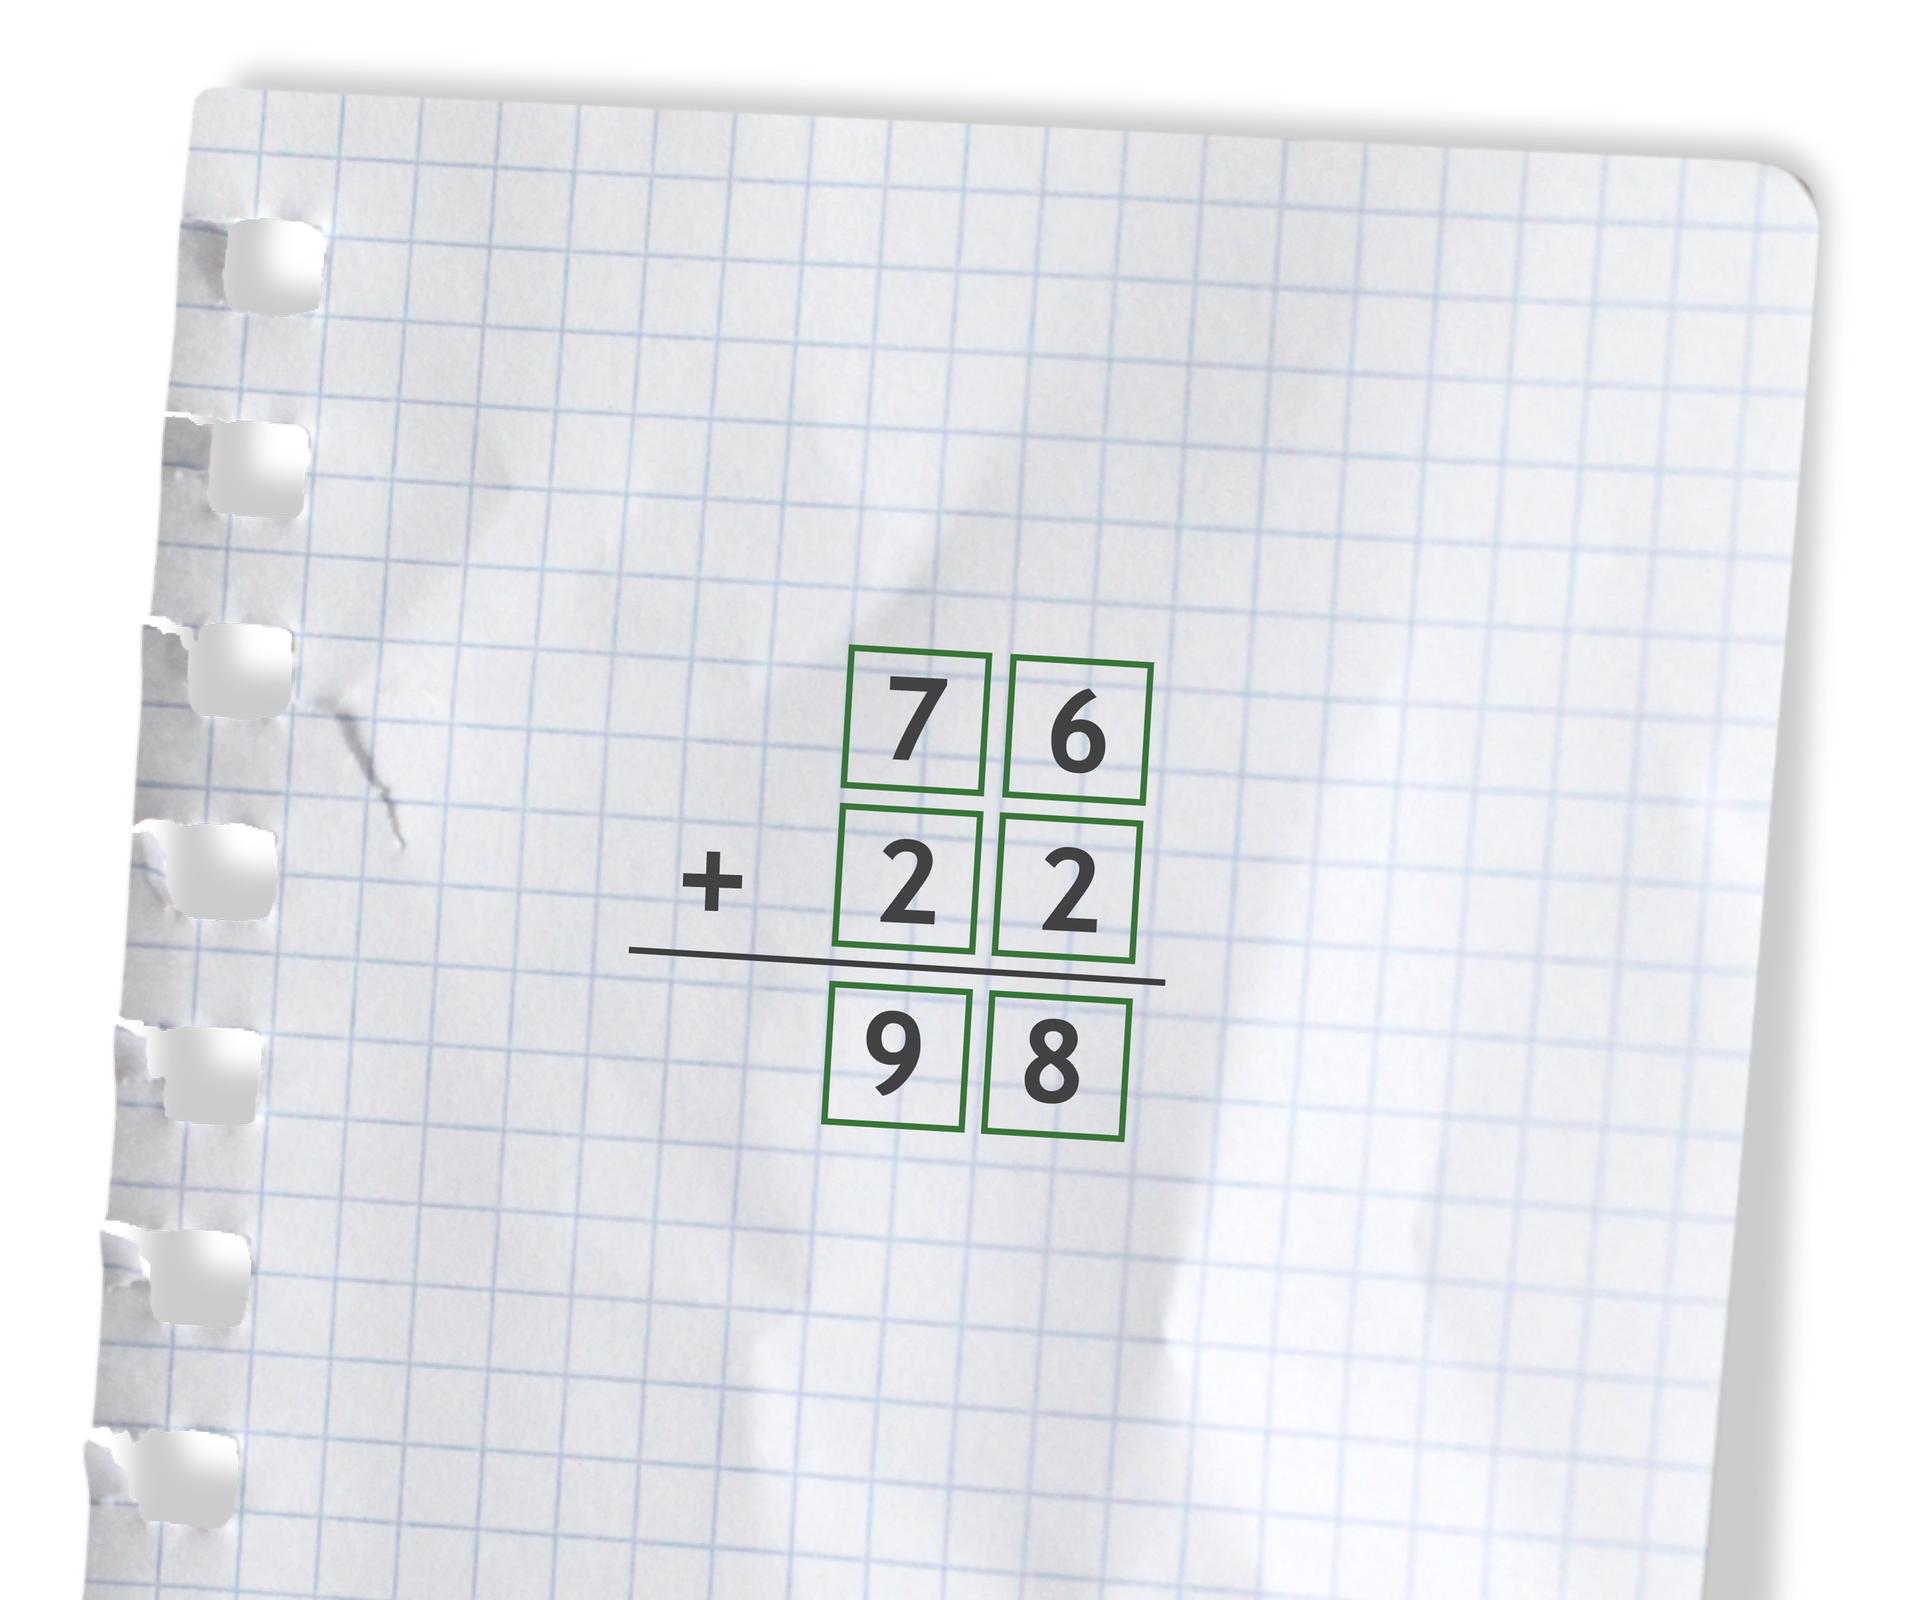 Przykład: 76 +22 =98. Rozwiązanie zadania podpunkt b.